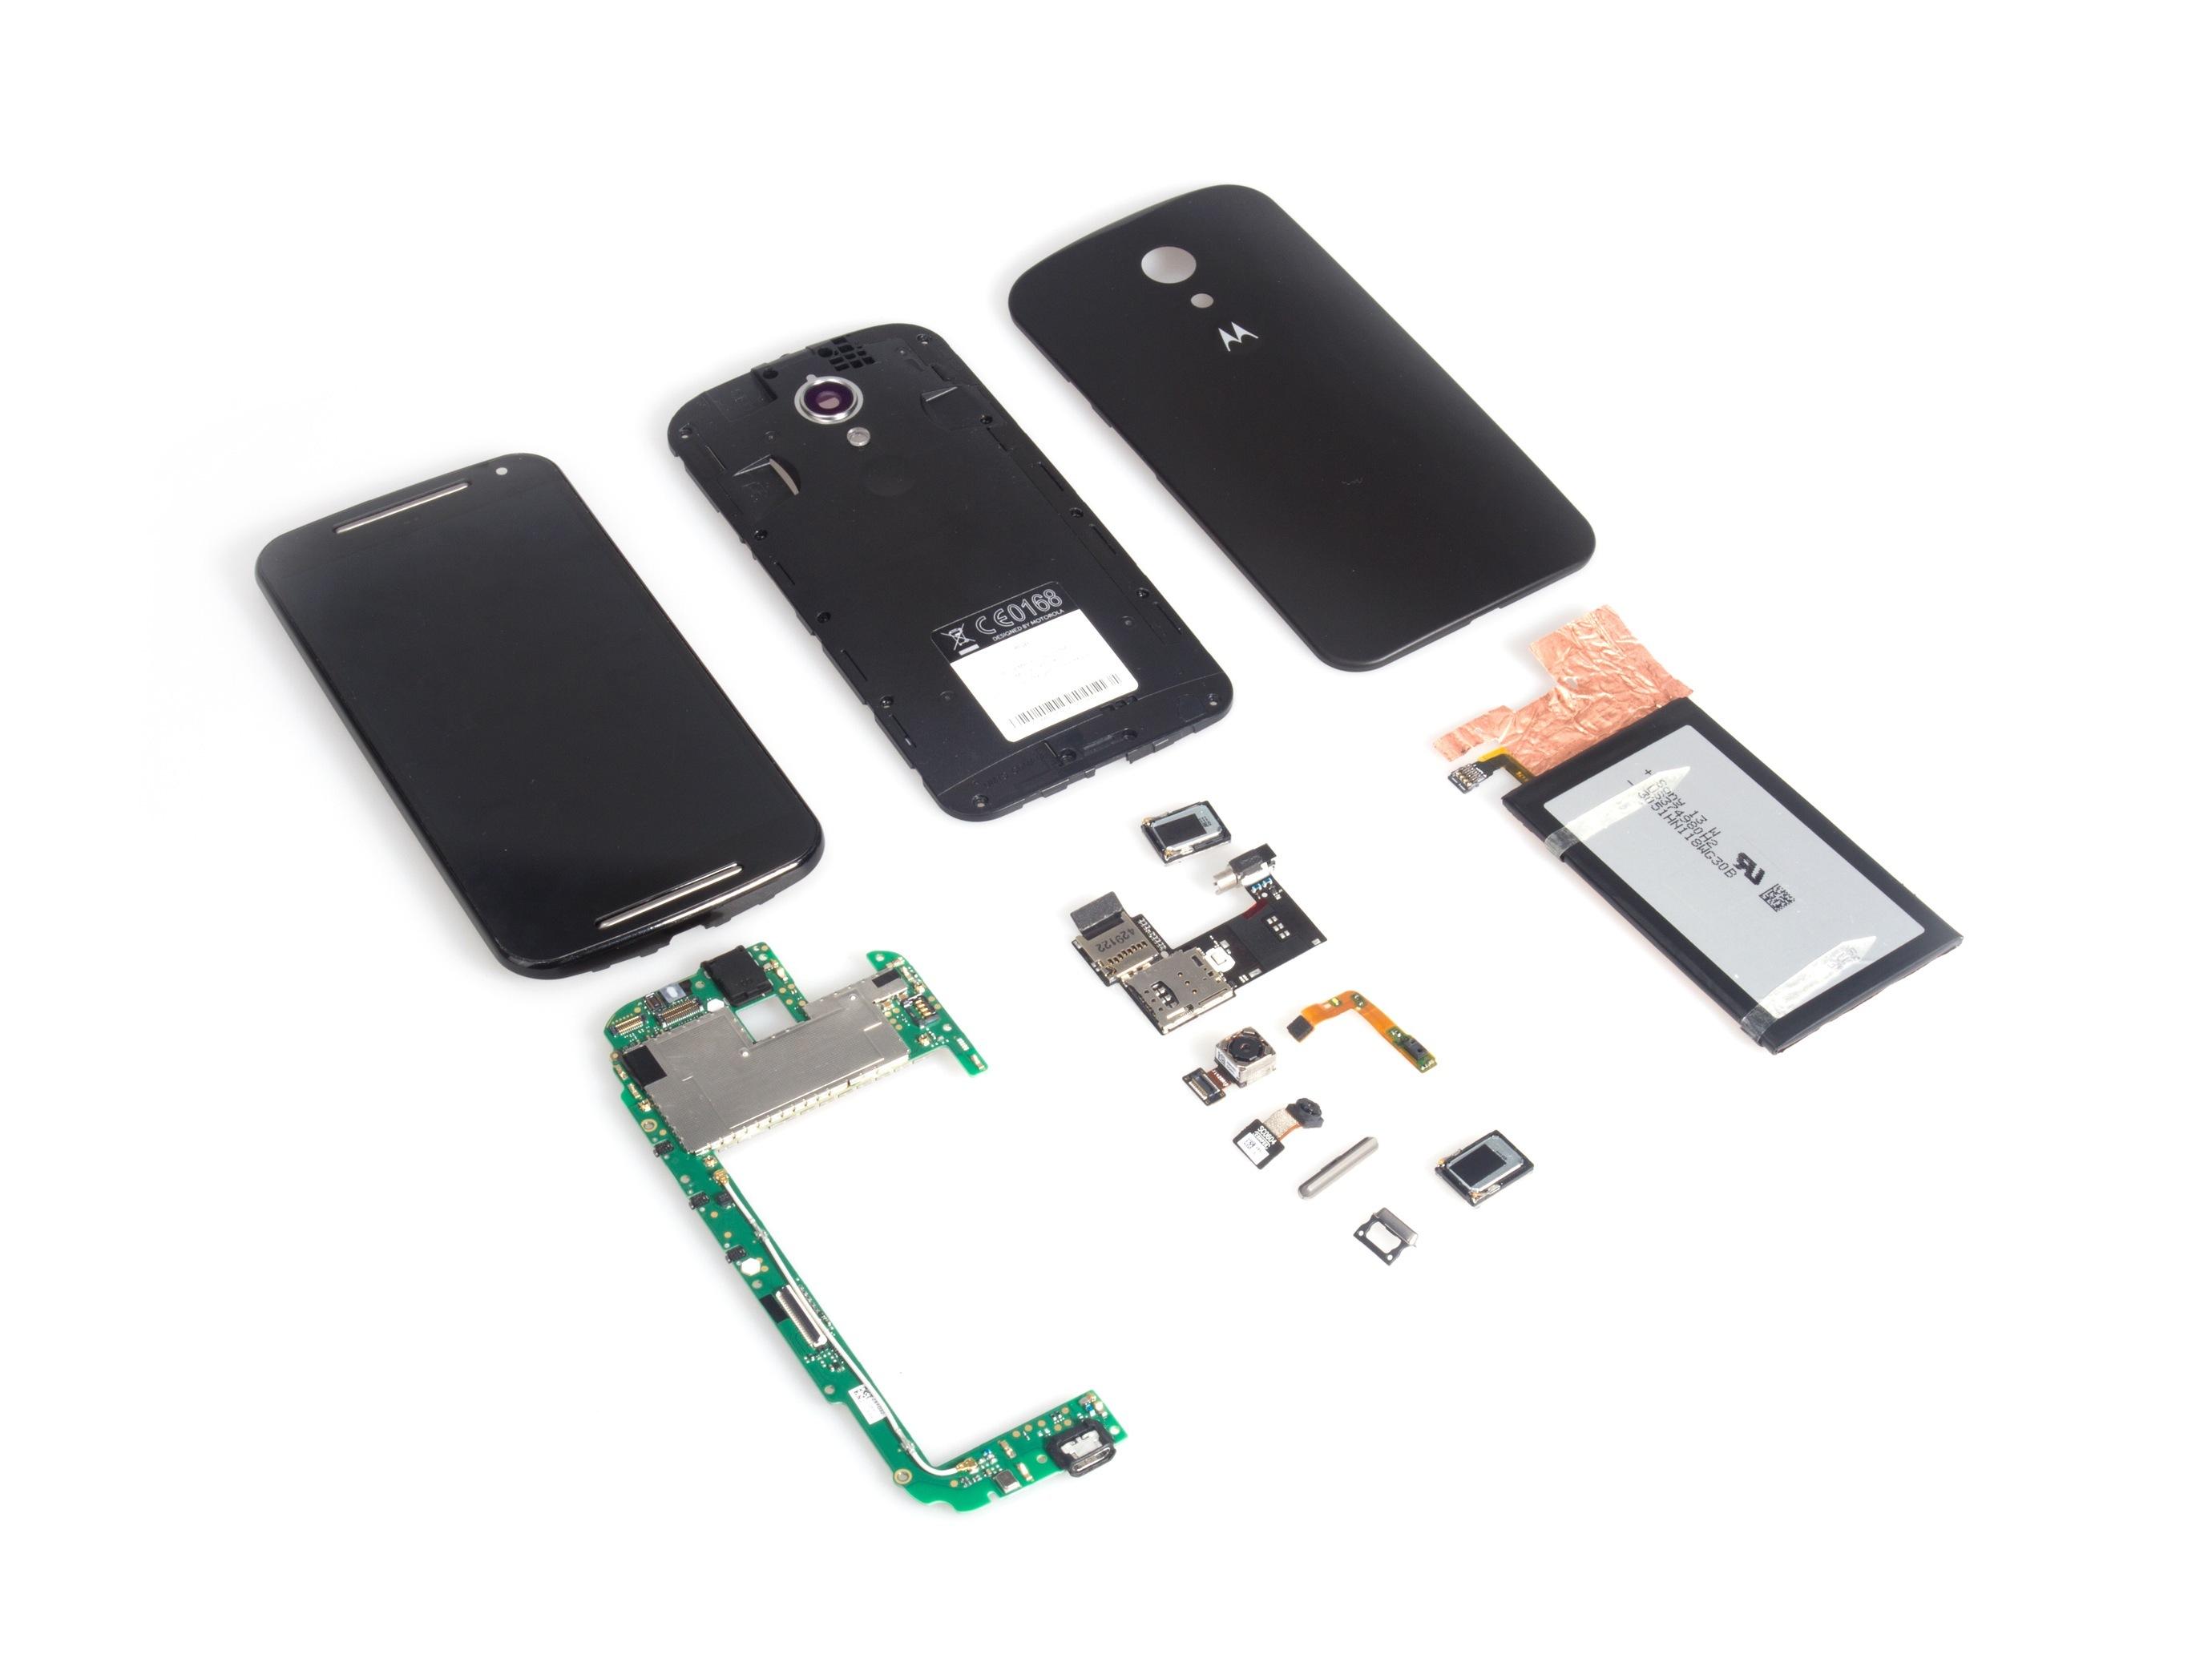 a52a4ac8743 Motorola Moto G (2nd Generation) - iFixit